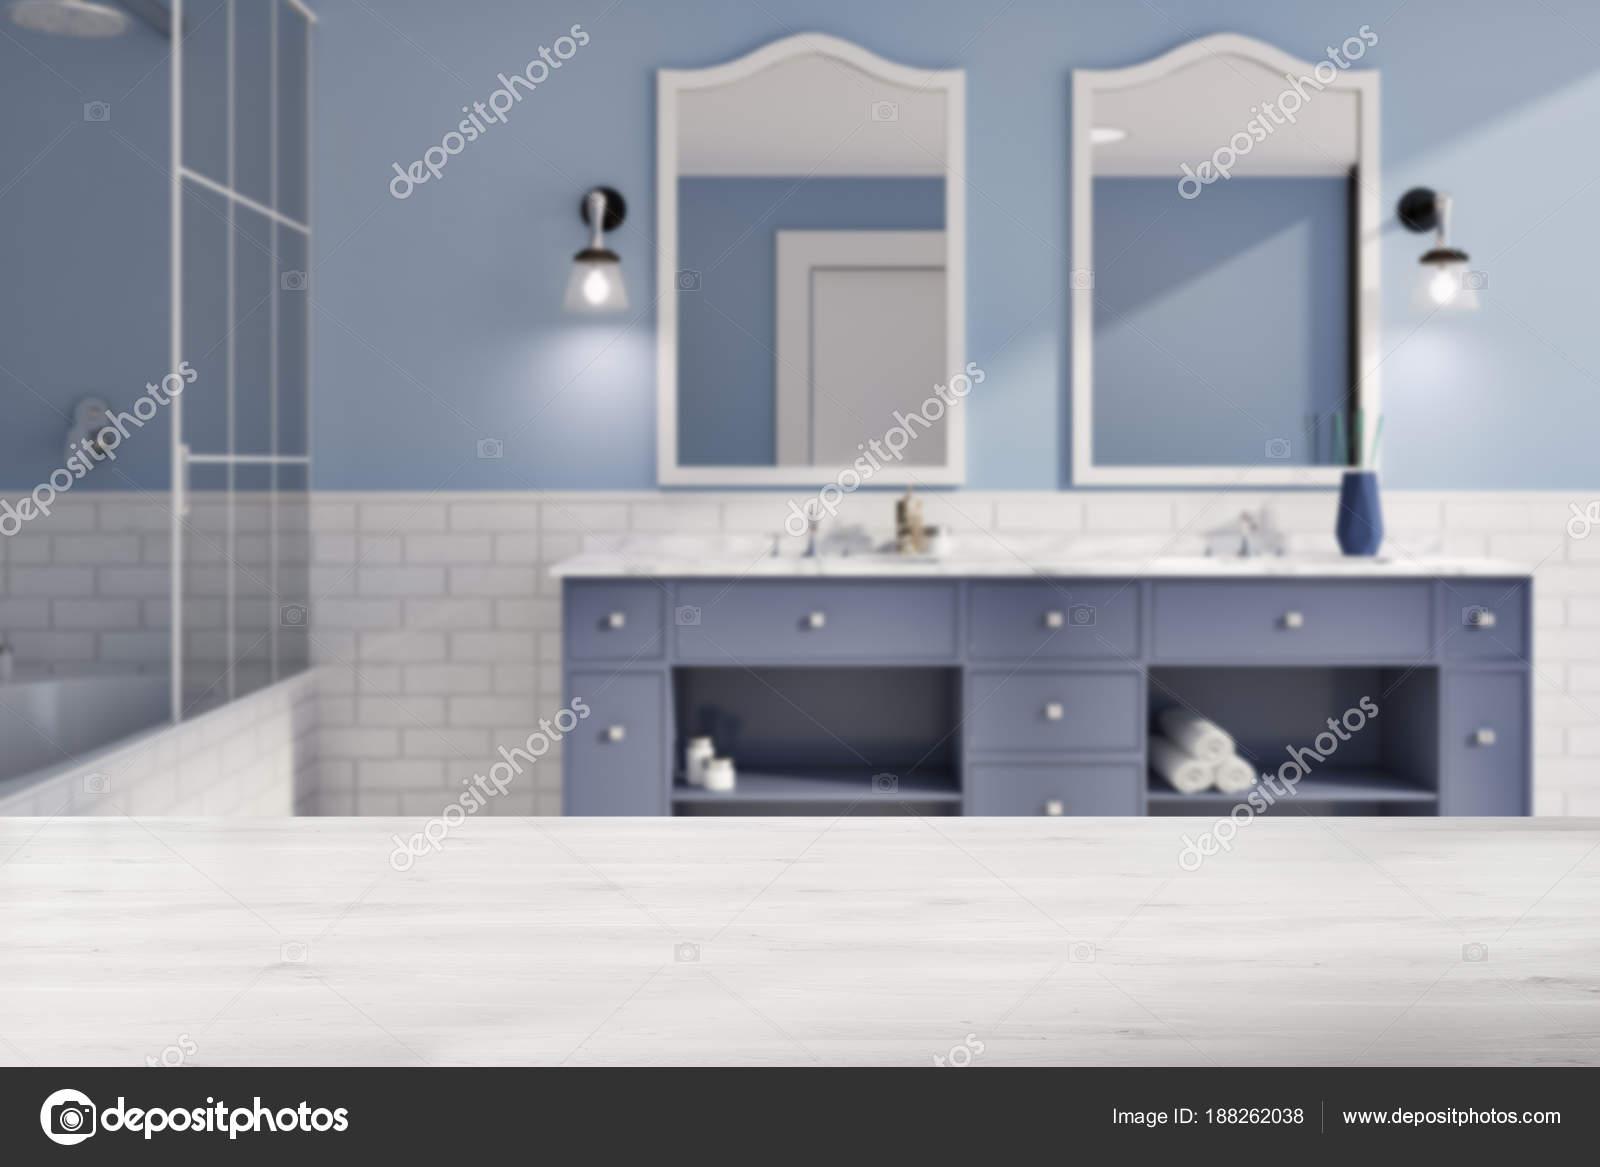 Salle de bain bleu et brique mur flou — Photographie ...